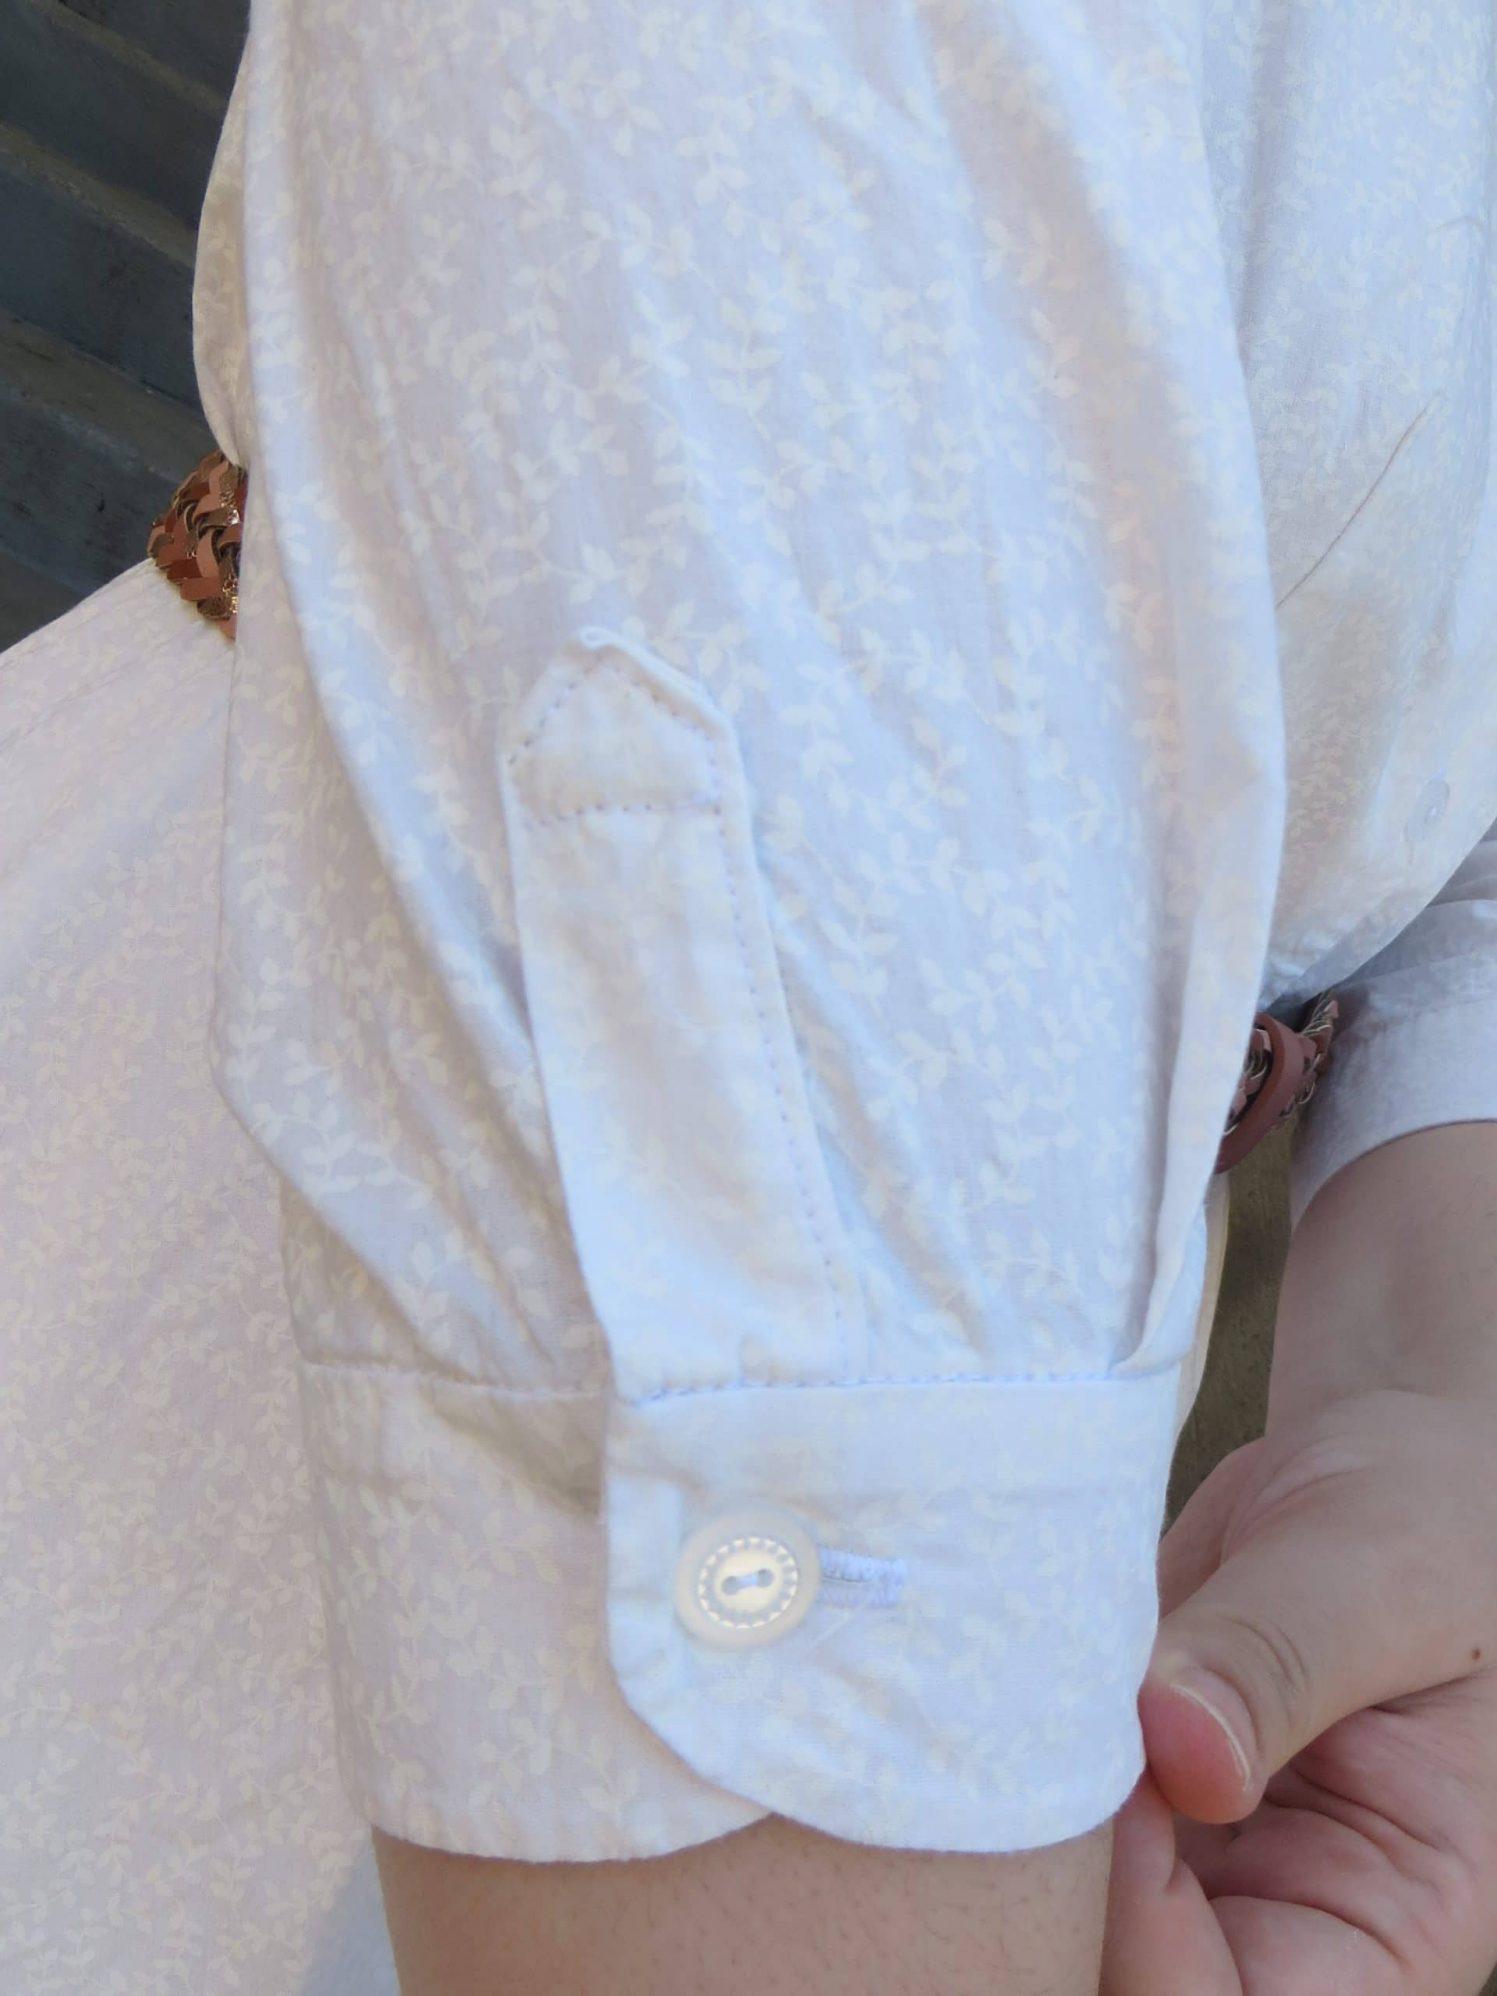 Patte de boutonnage en une pièce, manche de chemise